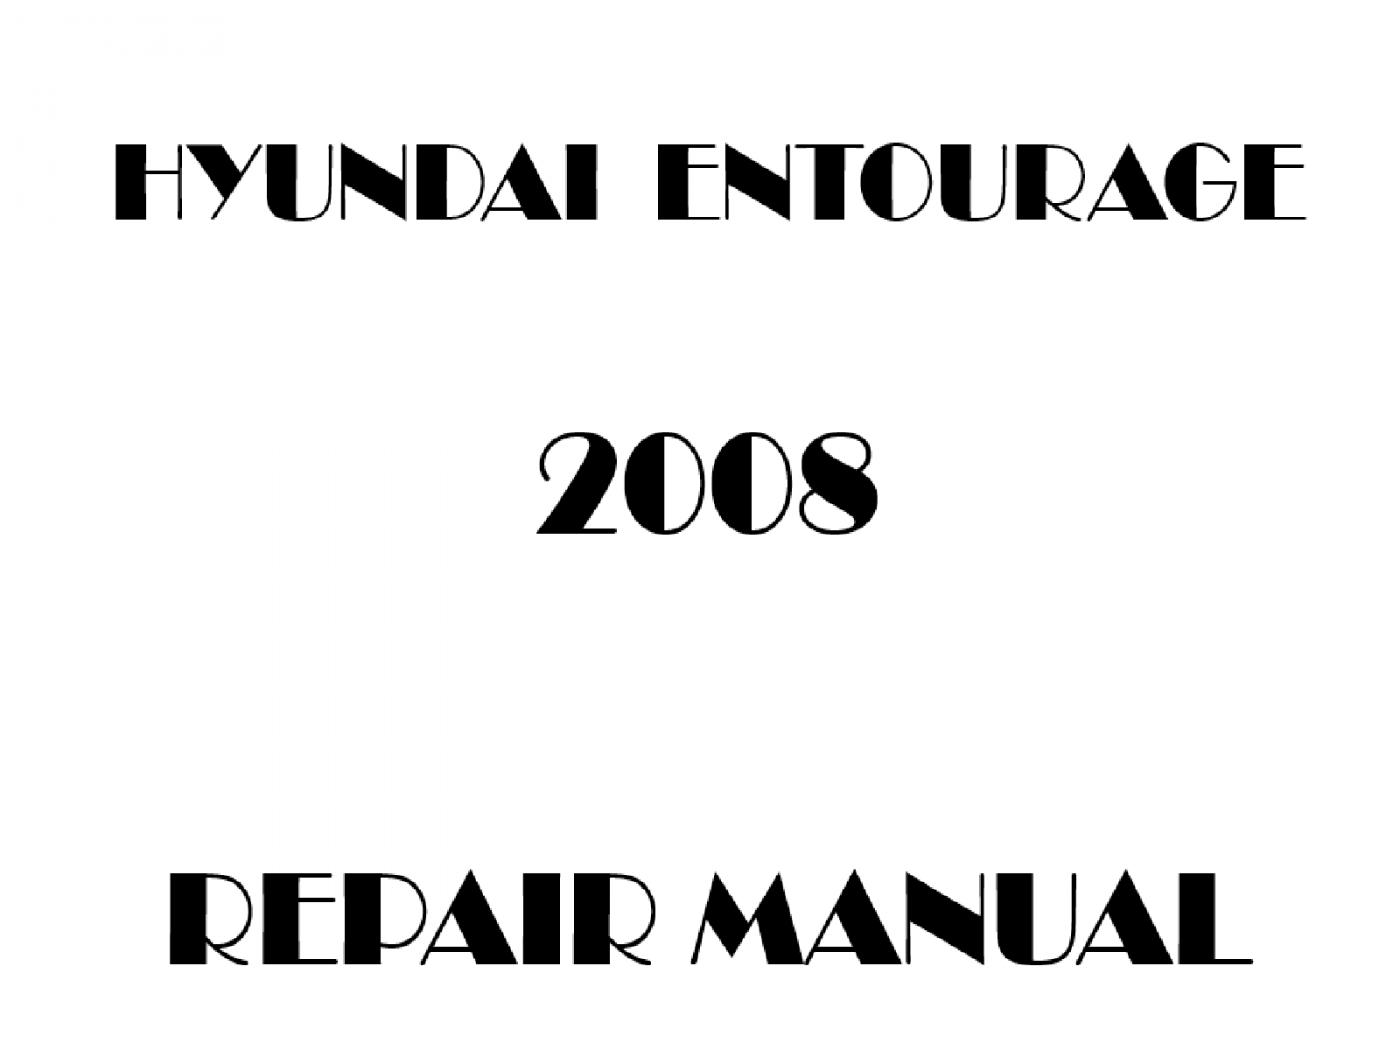 2008 Hyundai Entourage repair manual